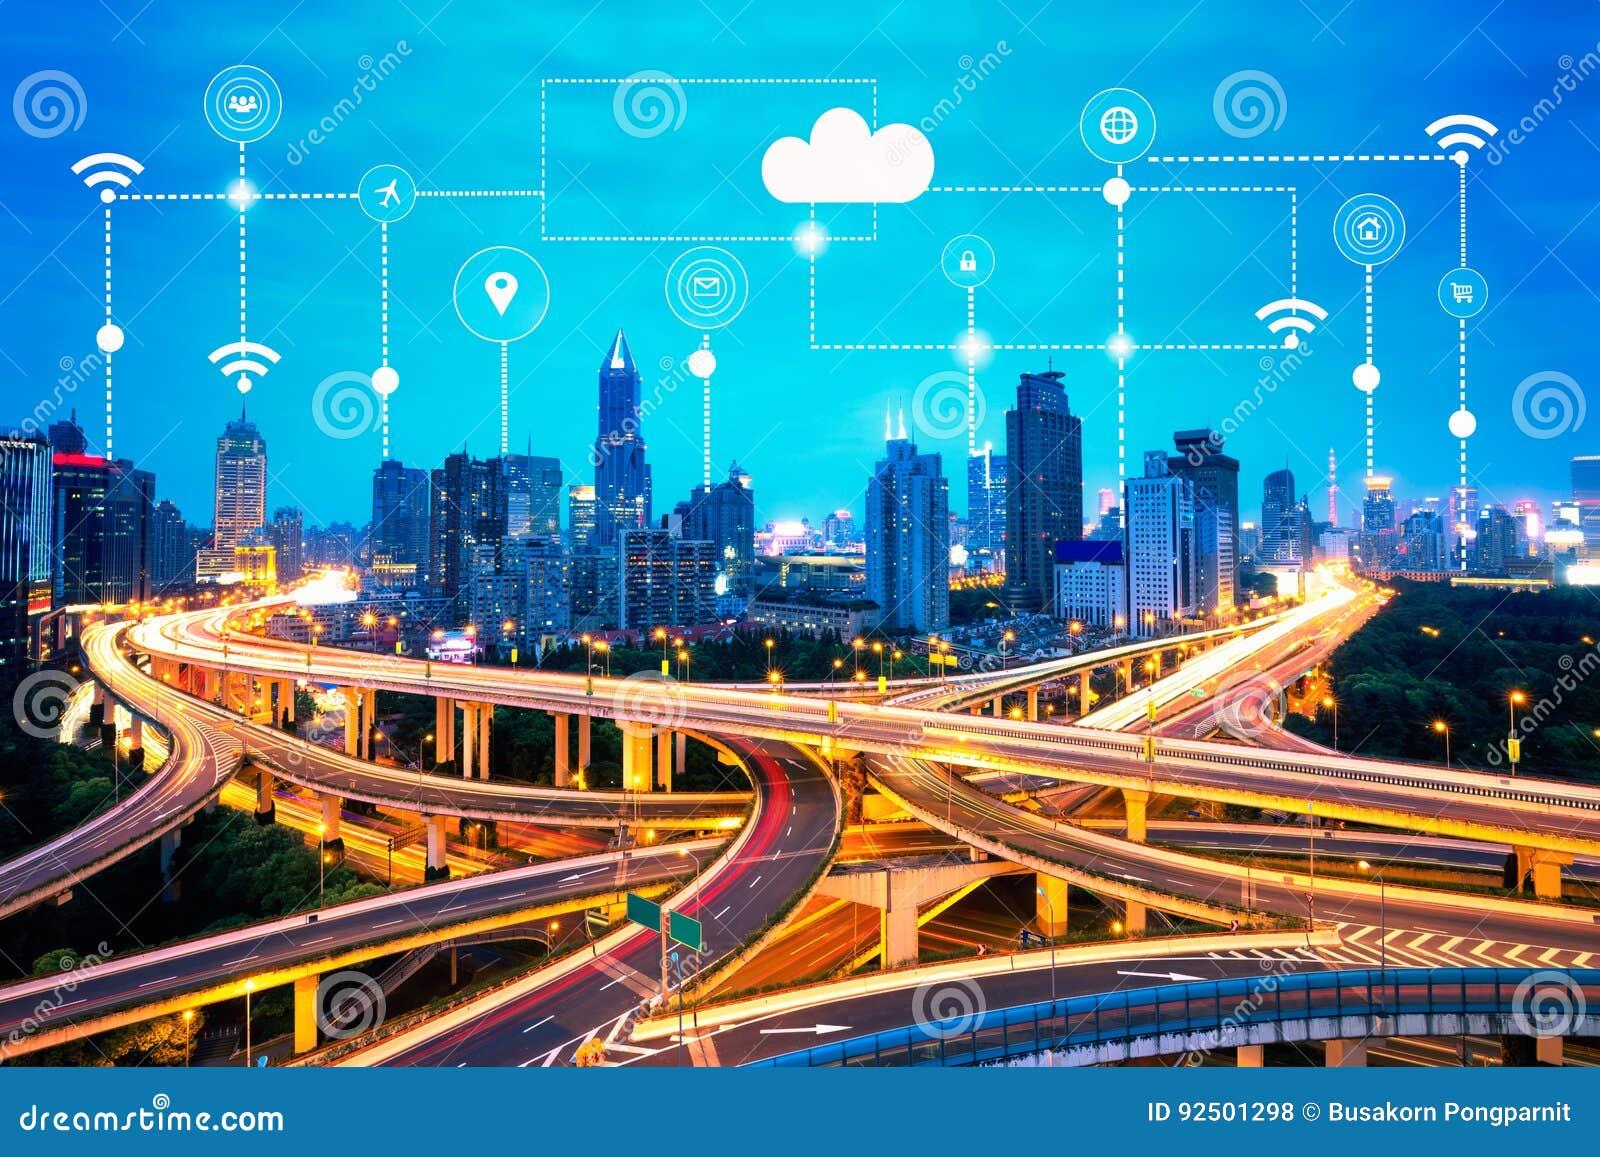 Умные значки города и технологии, интернет вещей, с умной предпосылкой сетей обслуживаний